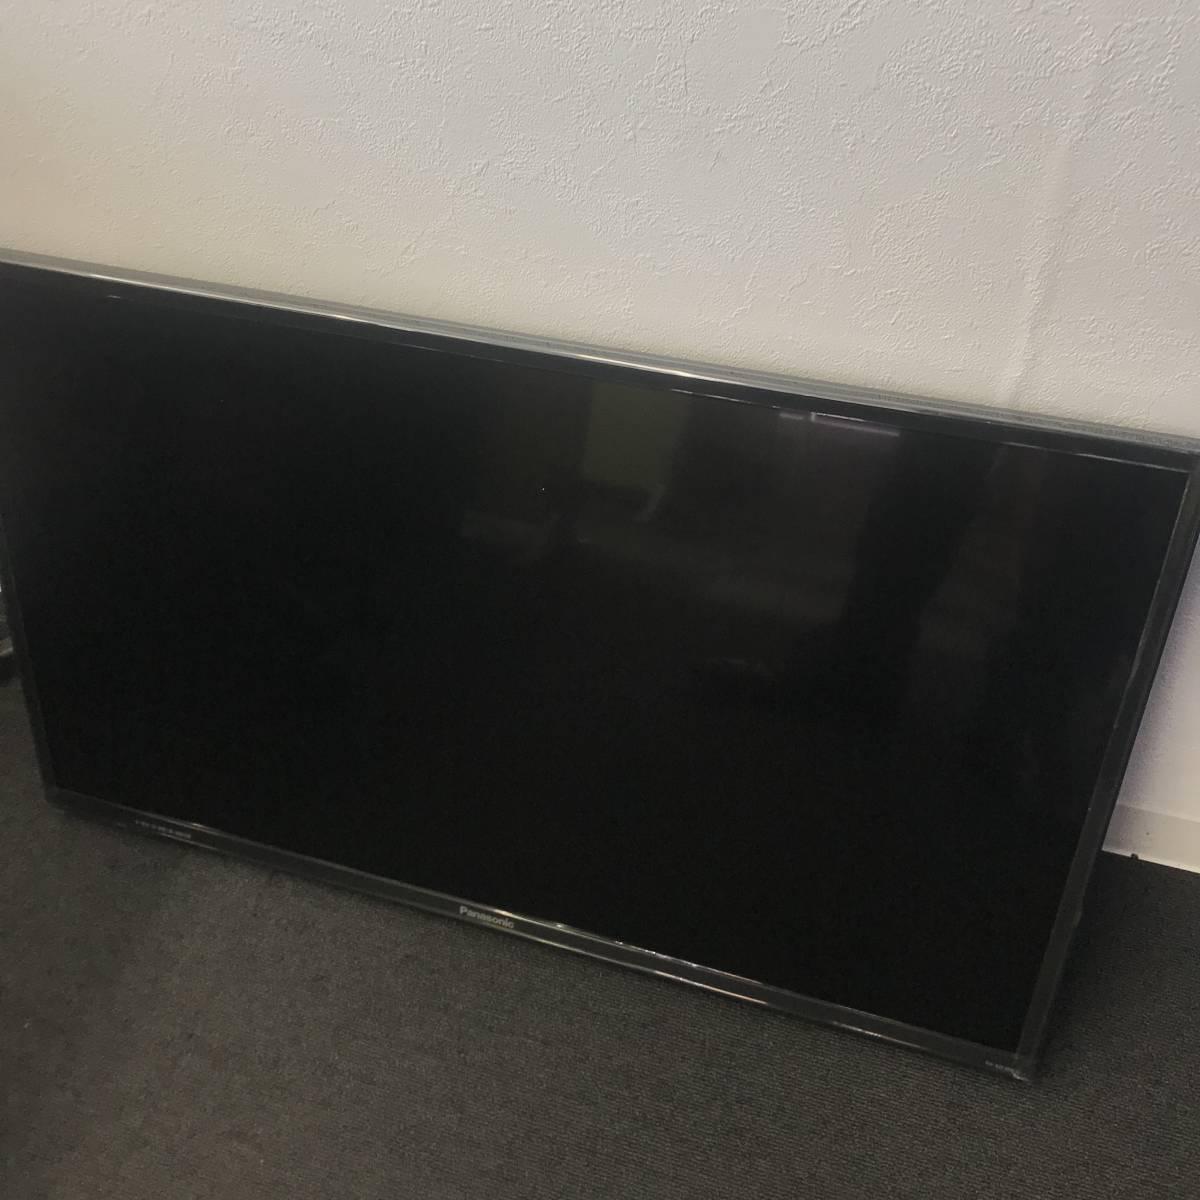 新品・未使用 Panasonic TH-32E300 VIERA 32 LED TV ハイビジョン液晶テレビ_画像3